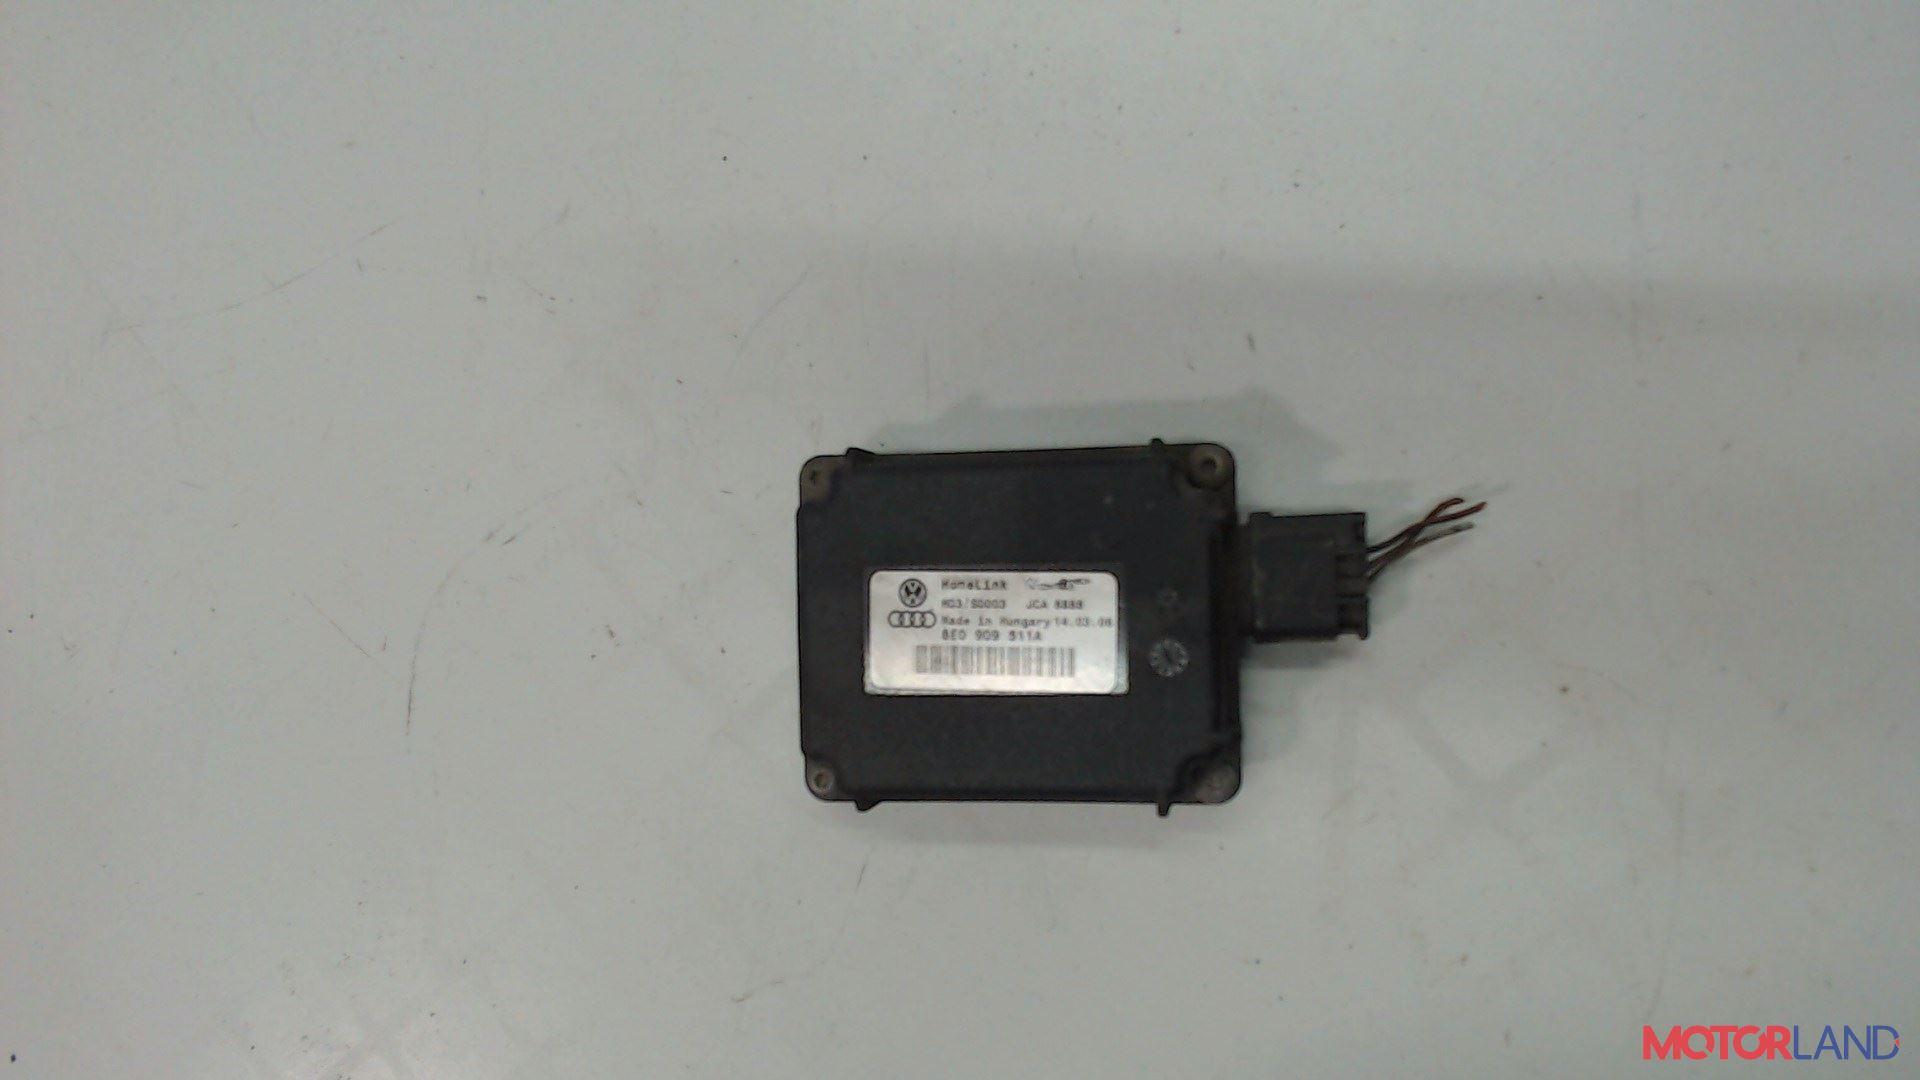 Блок управления (ЭБУ) Audi A6 (C6) 2005-2011 3.2 л. 2006 BKH б/у #1